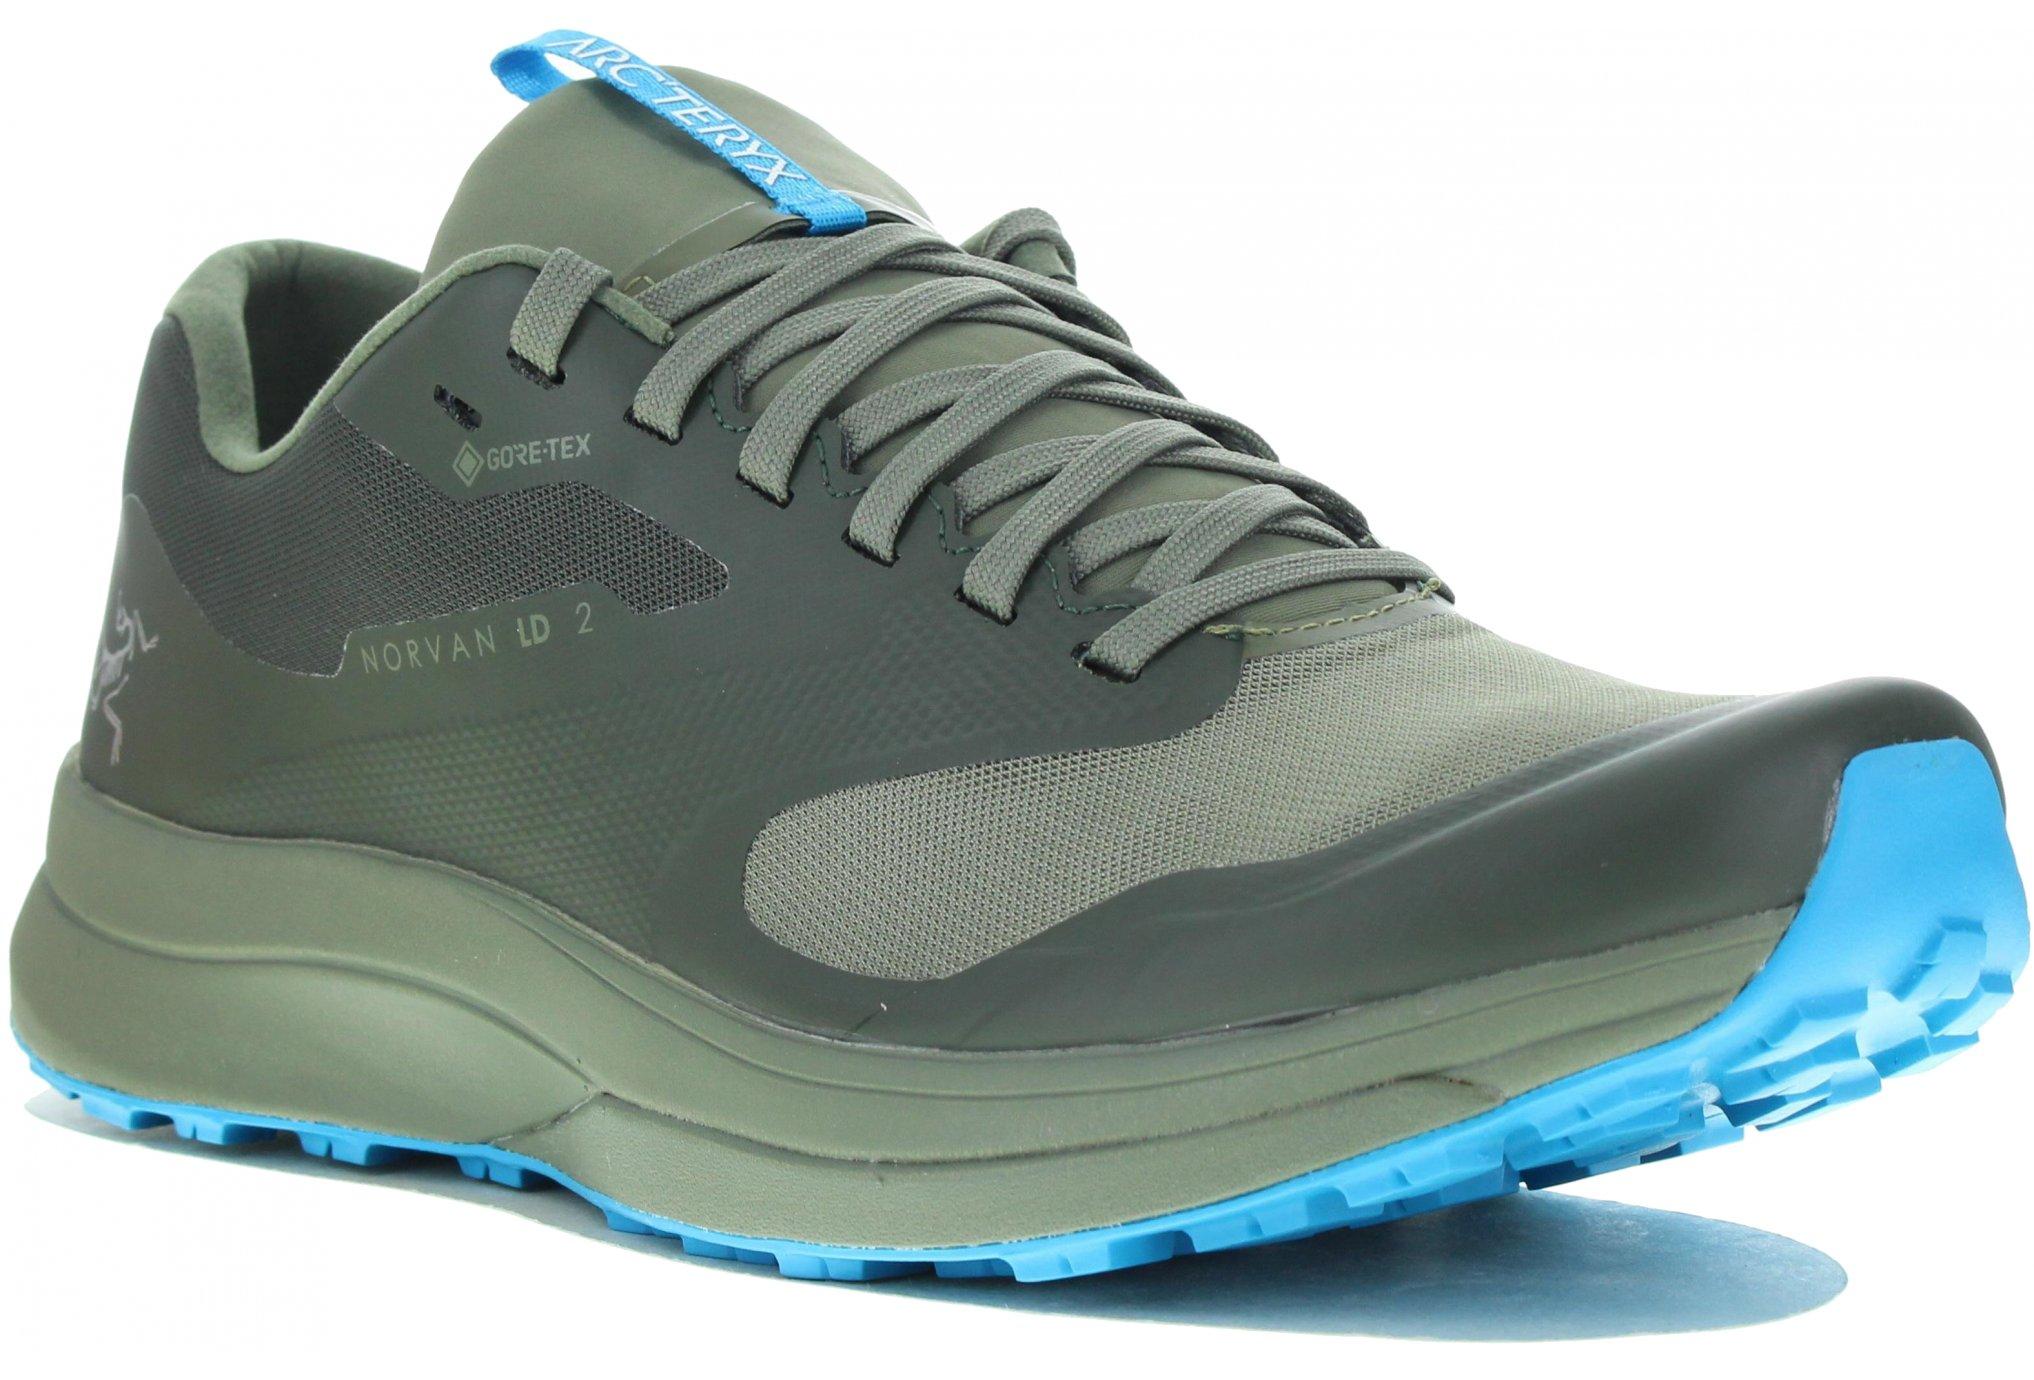 Arcteryx Norvan LD 2 Gore-Tex M Diététique Chaussures homme